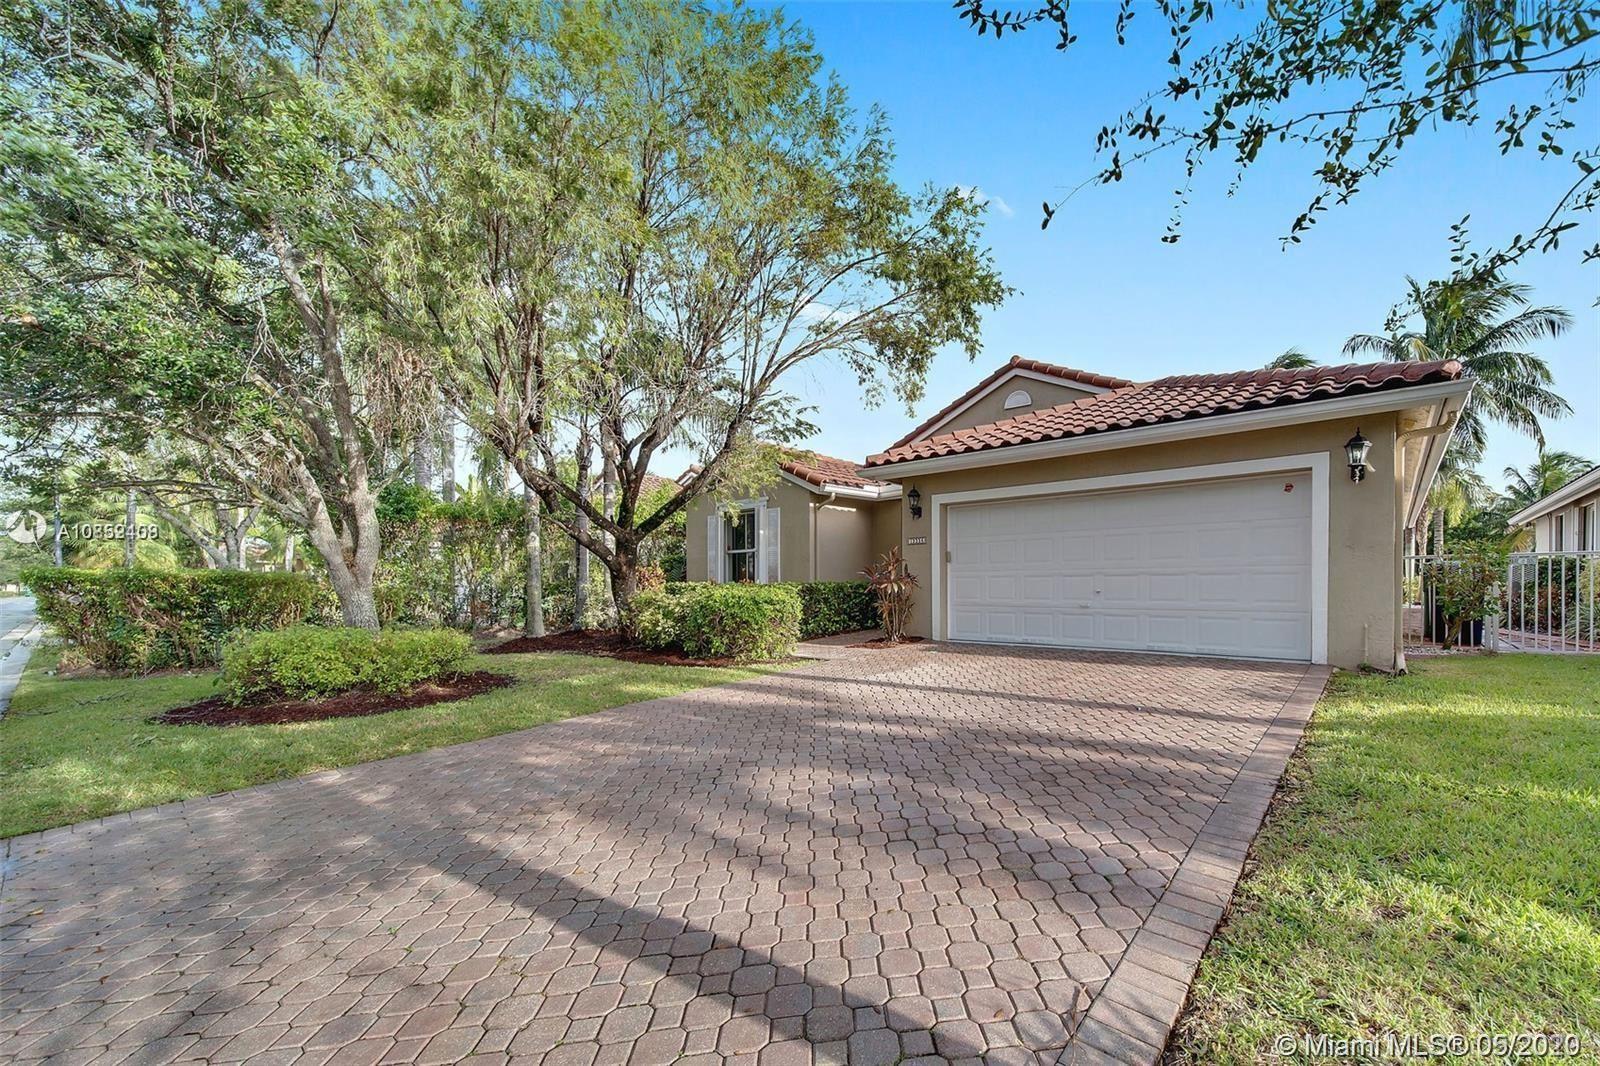 13336 SW 144th Ter, Miami, FL 33186 - #: A10852408